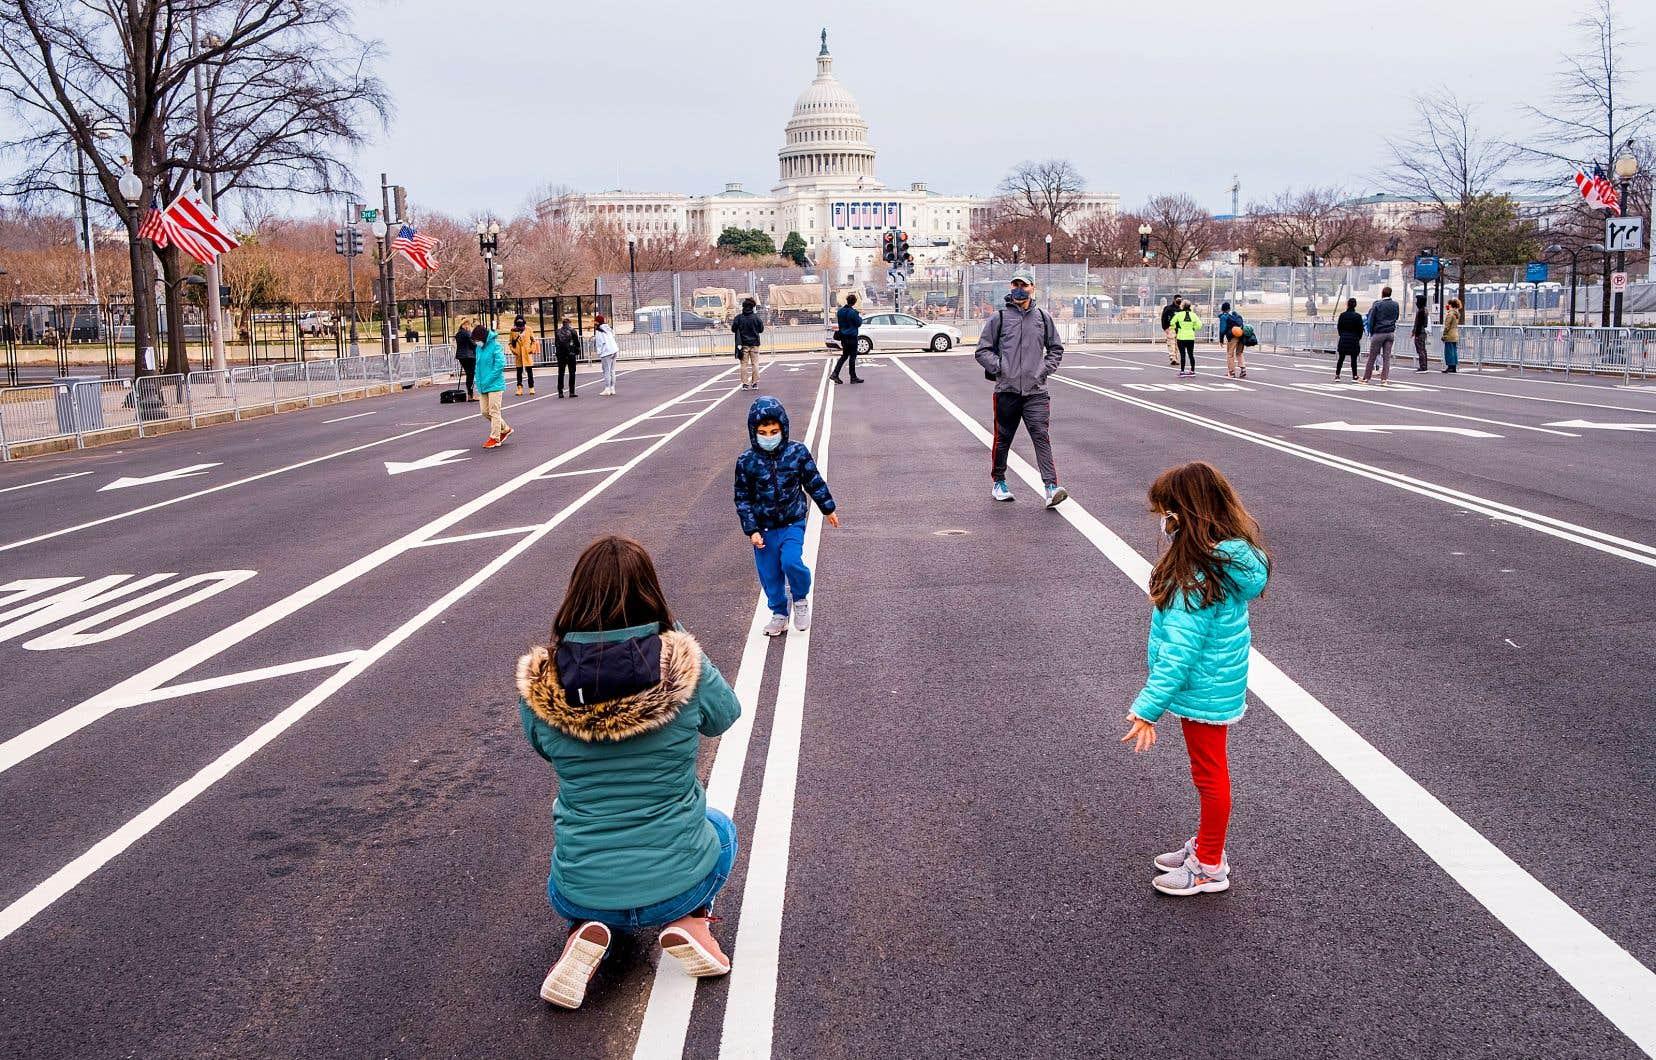 À Washington, entre les fils barbelés, les imposants grillages et les rues désertées, le secteur du Capitole a pris des airs de camp retranché à l'approche de la cérémonie d'investiture de Joe Biden.